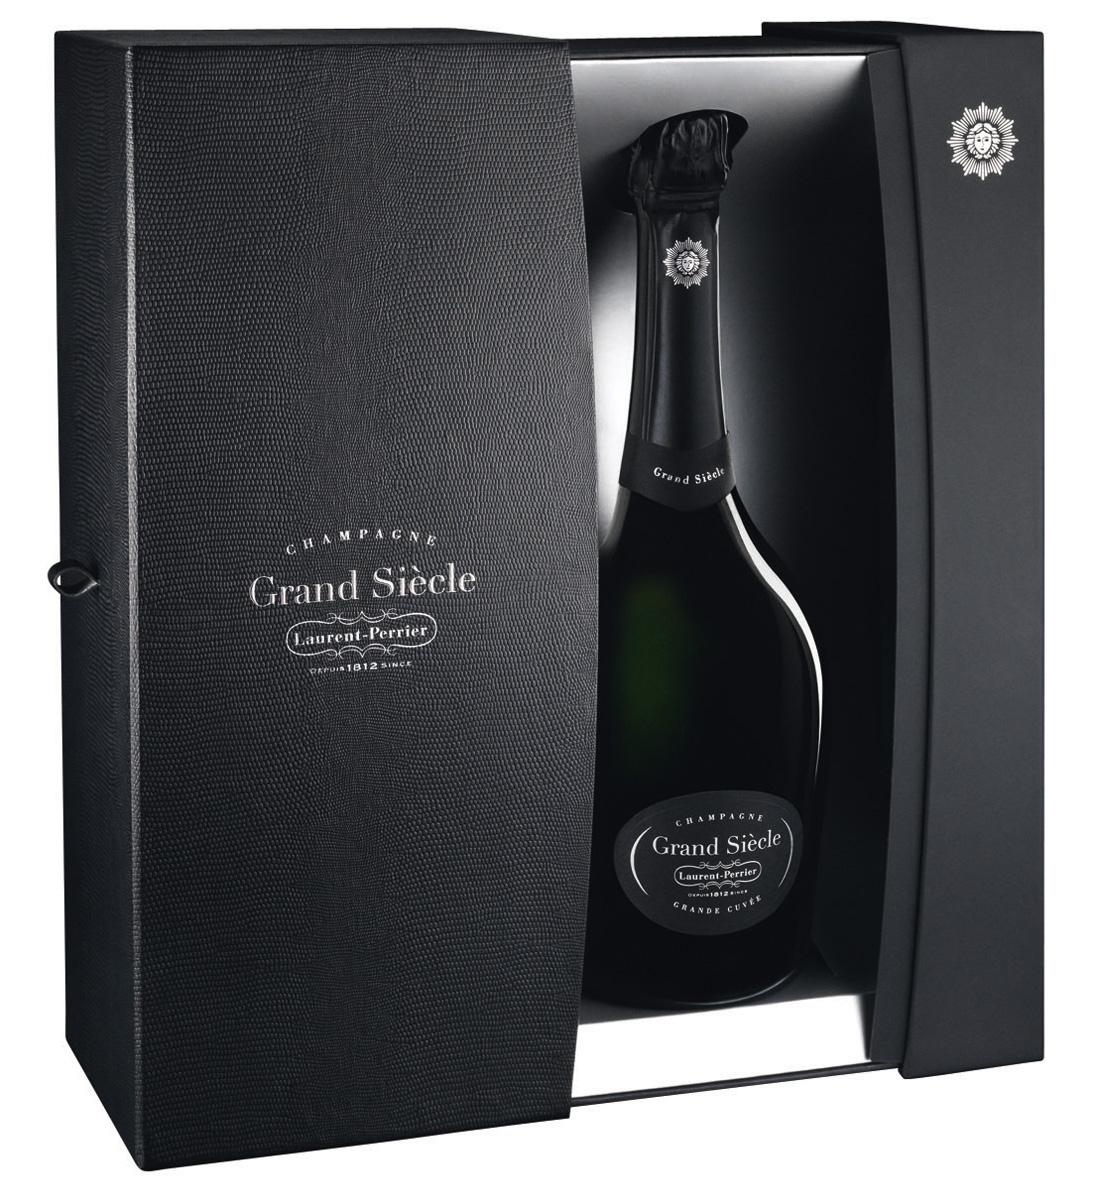 Le coup de cœur de la semaine : le champagne Laurent-Perrier Grand Siècle